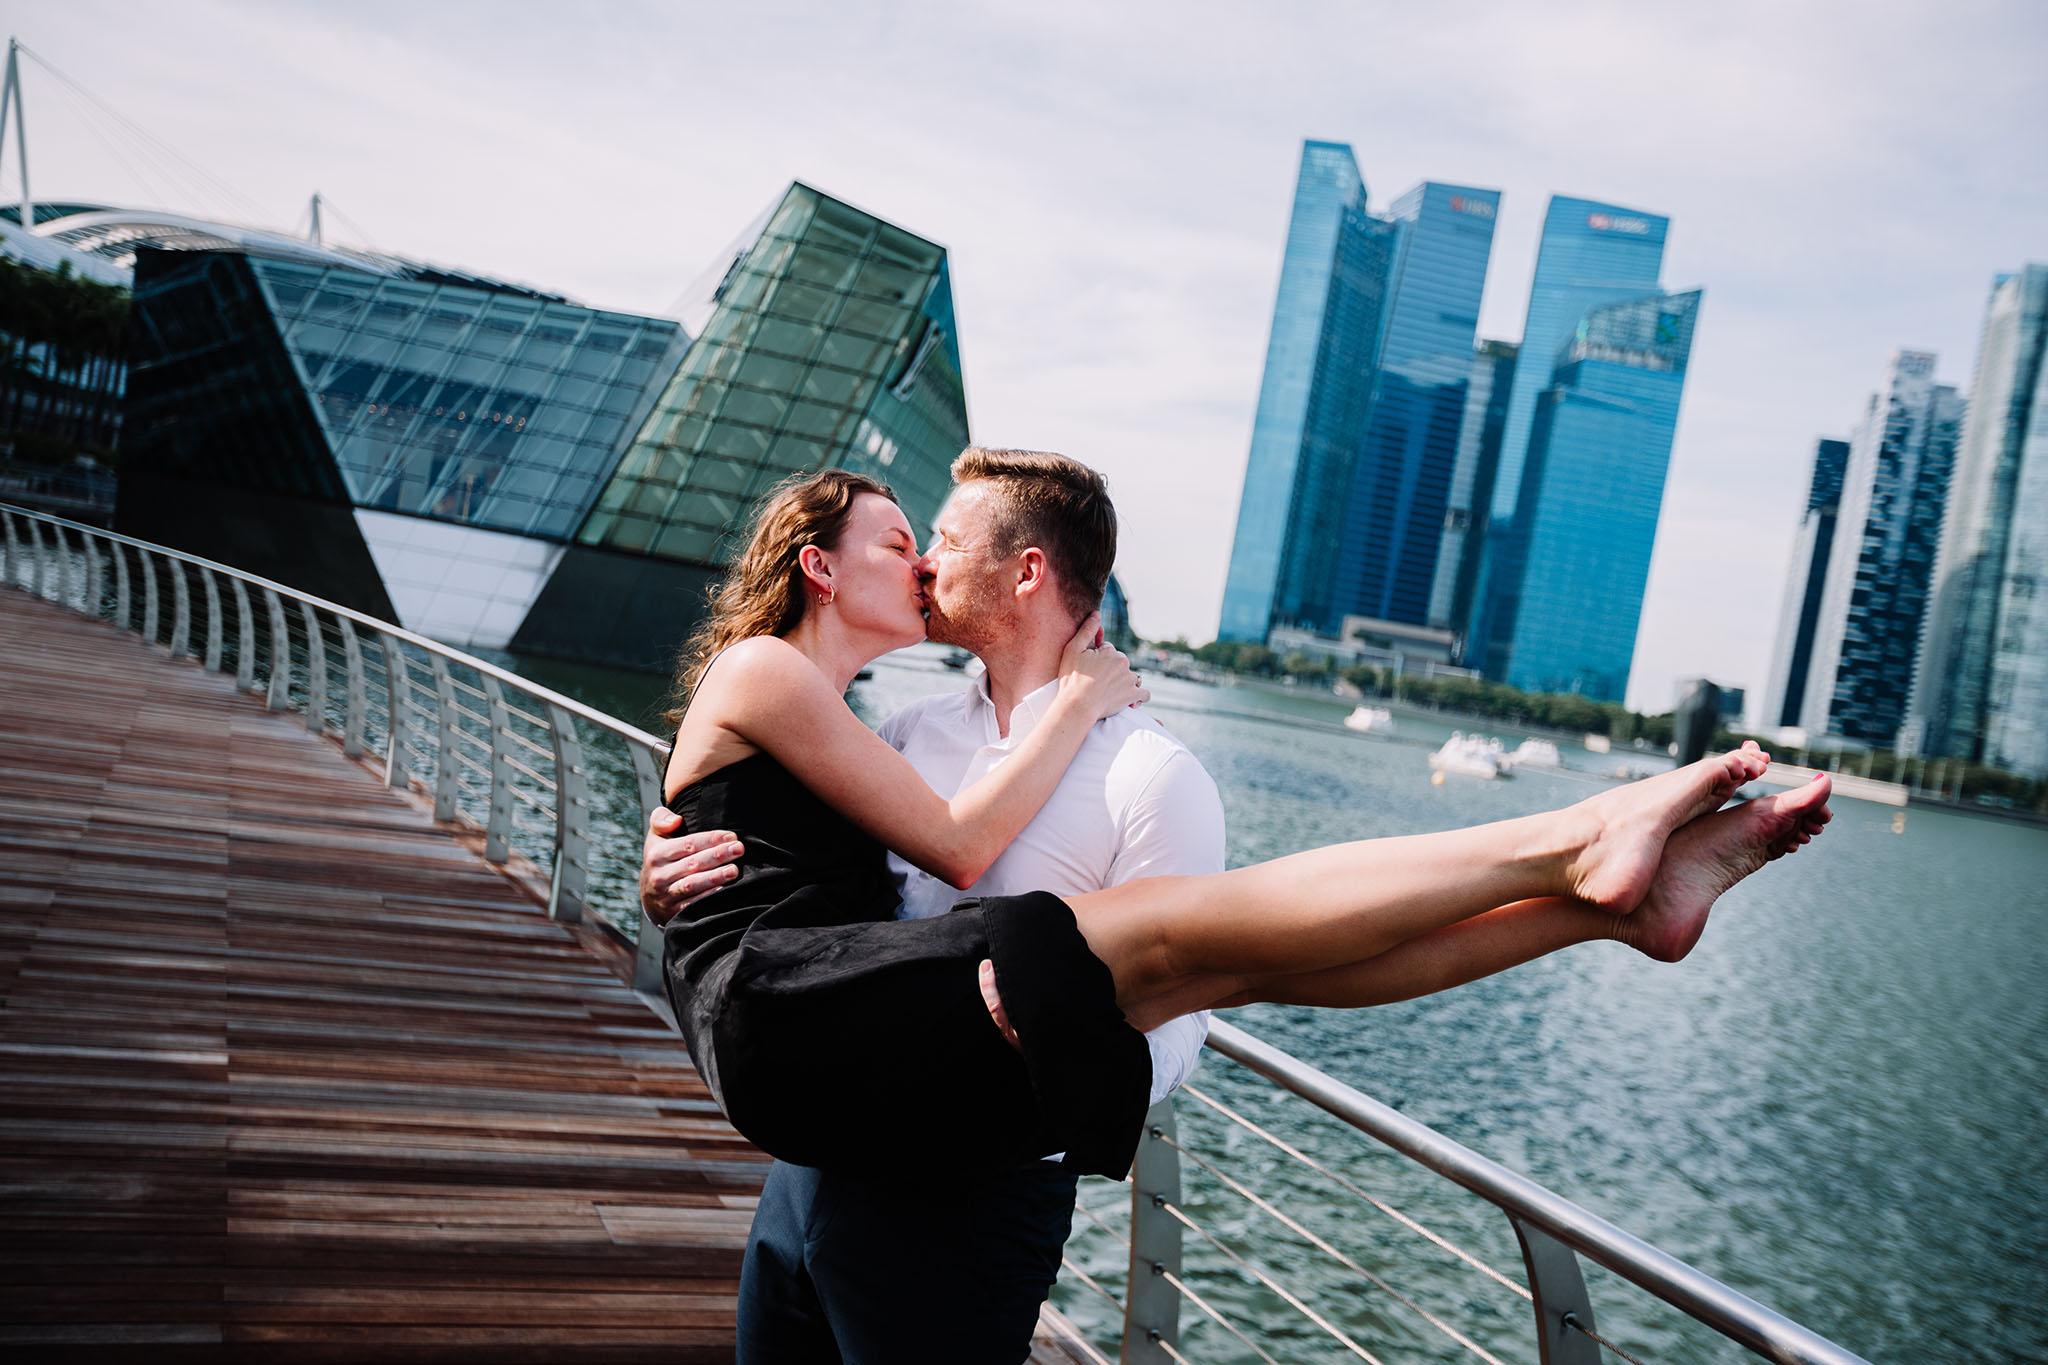 outdoor-couple-photography-darek-agata-5